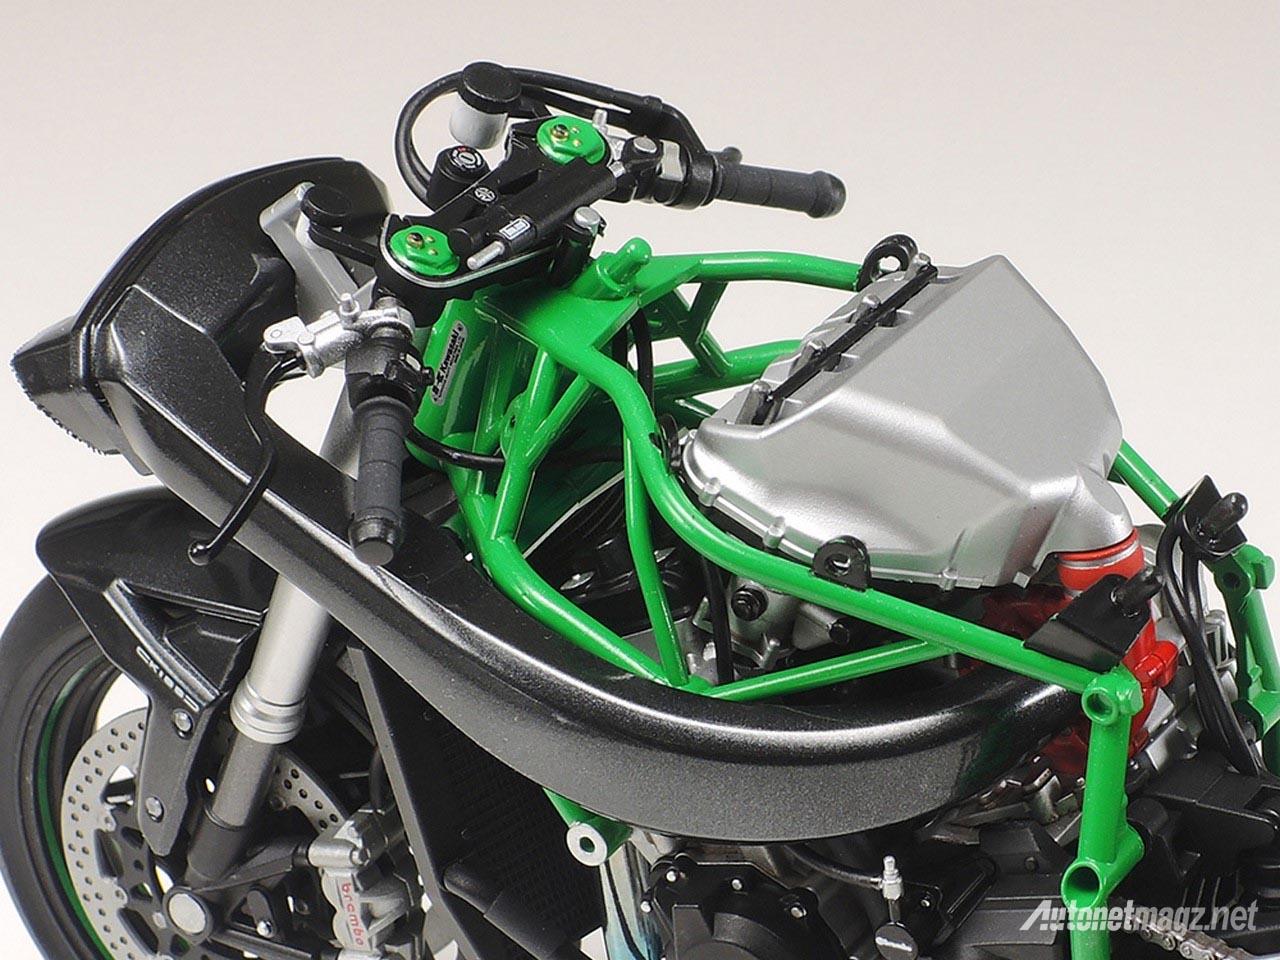 model-kit-kawasaki-ninja-h2r-tamiya-detail